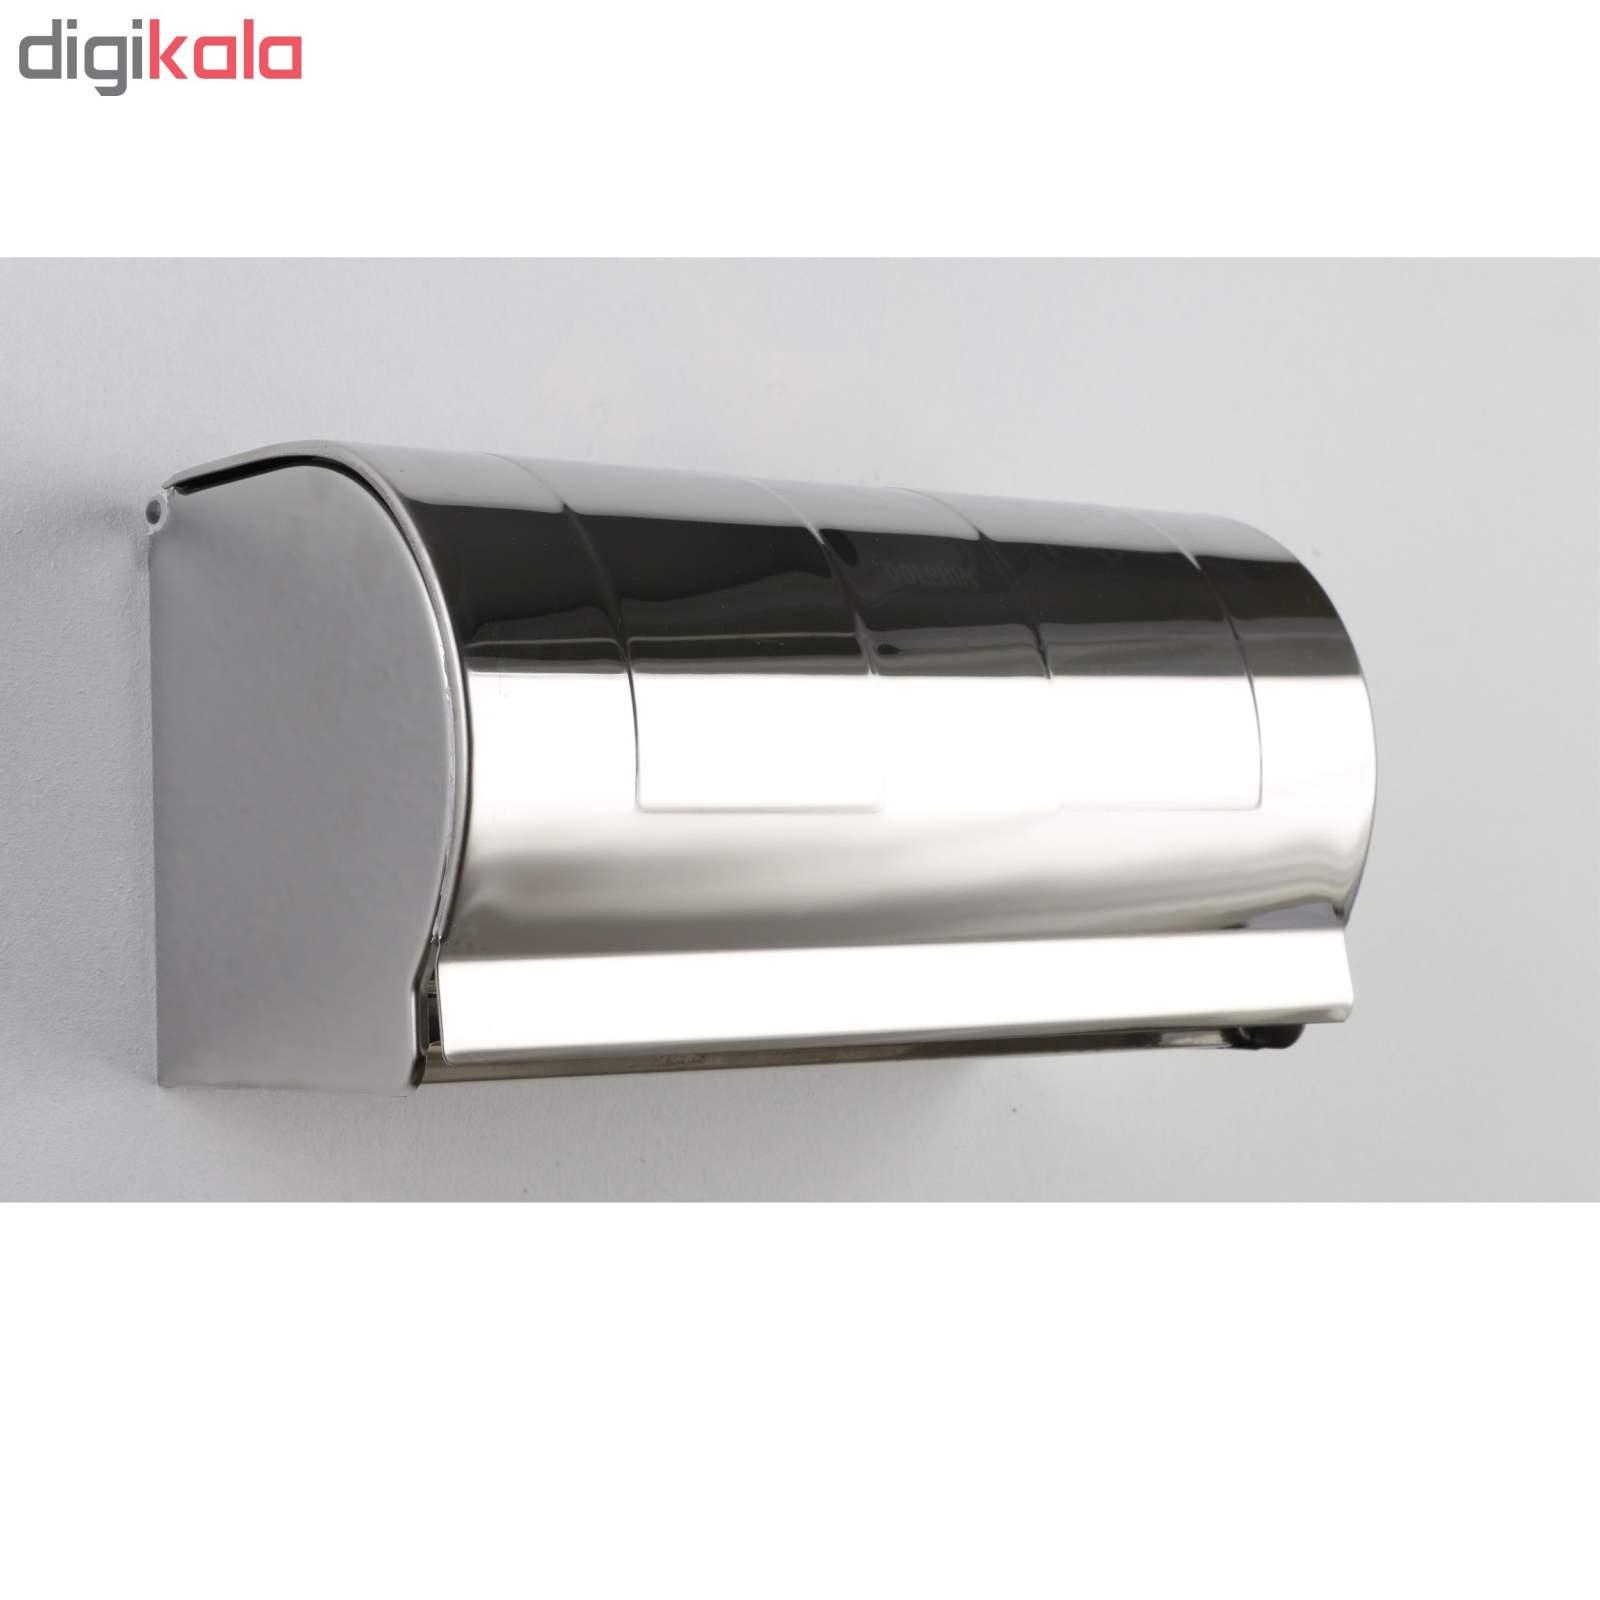 پایه رول دستمال کاغذی دلفین مدل K18-C main 1 3